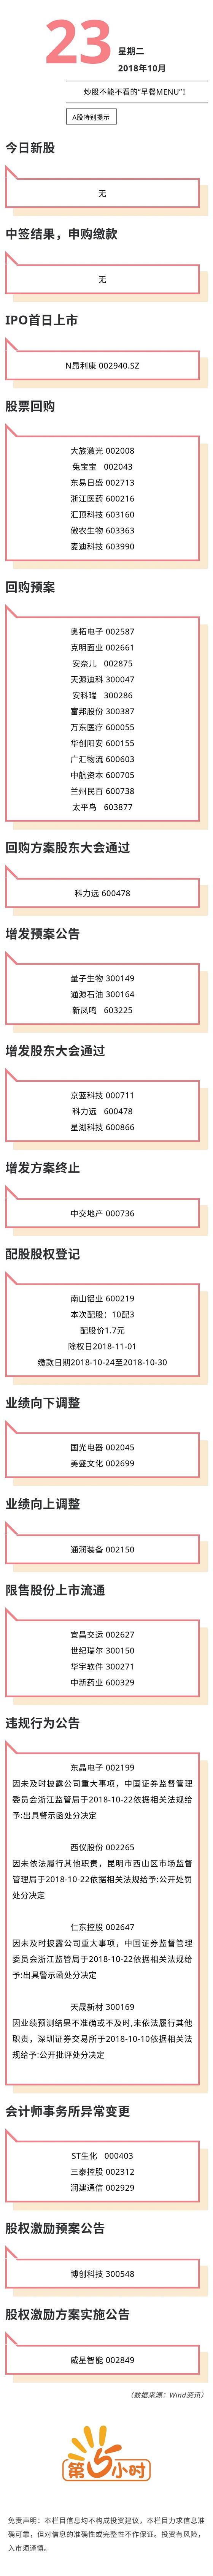 A股特别提示(2018-10-23).jpg